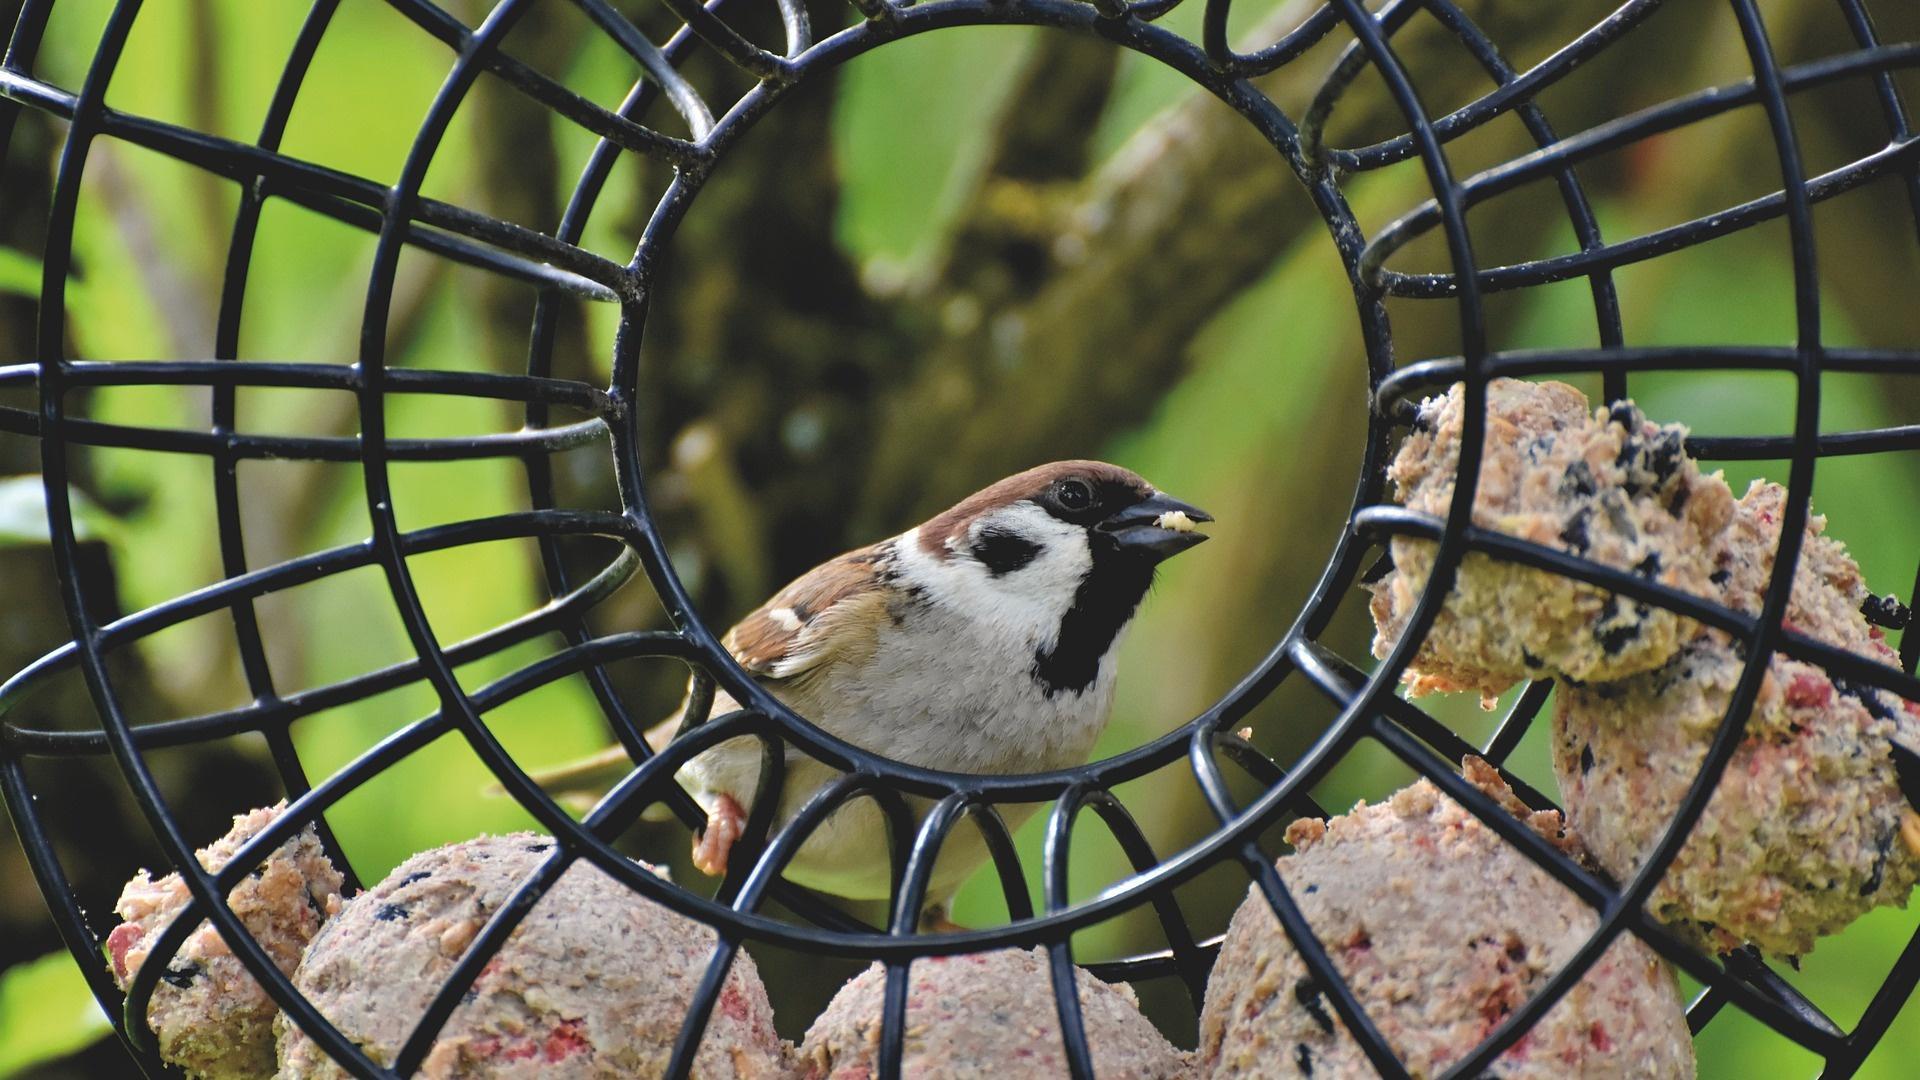 Bei der Fütterung von Vögeln im Sommer gilt es, auf die Bedürfnisse der Tiere zu achten.